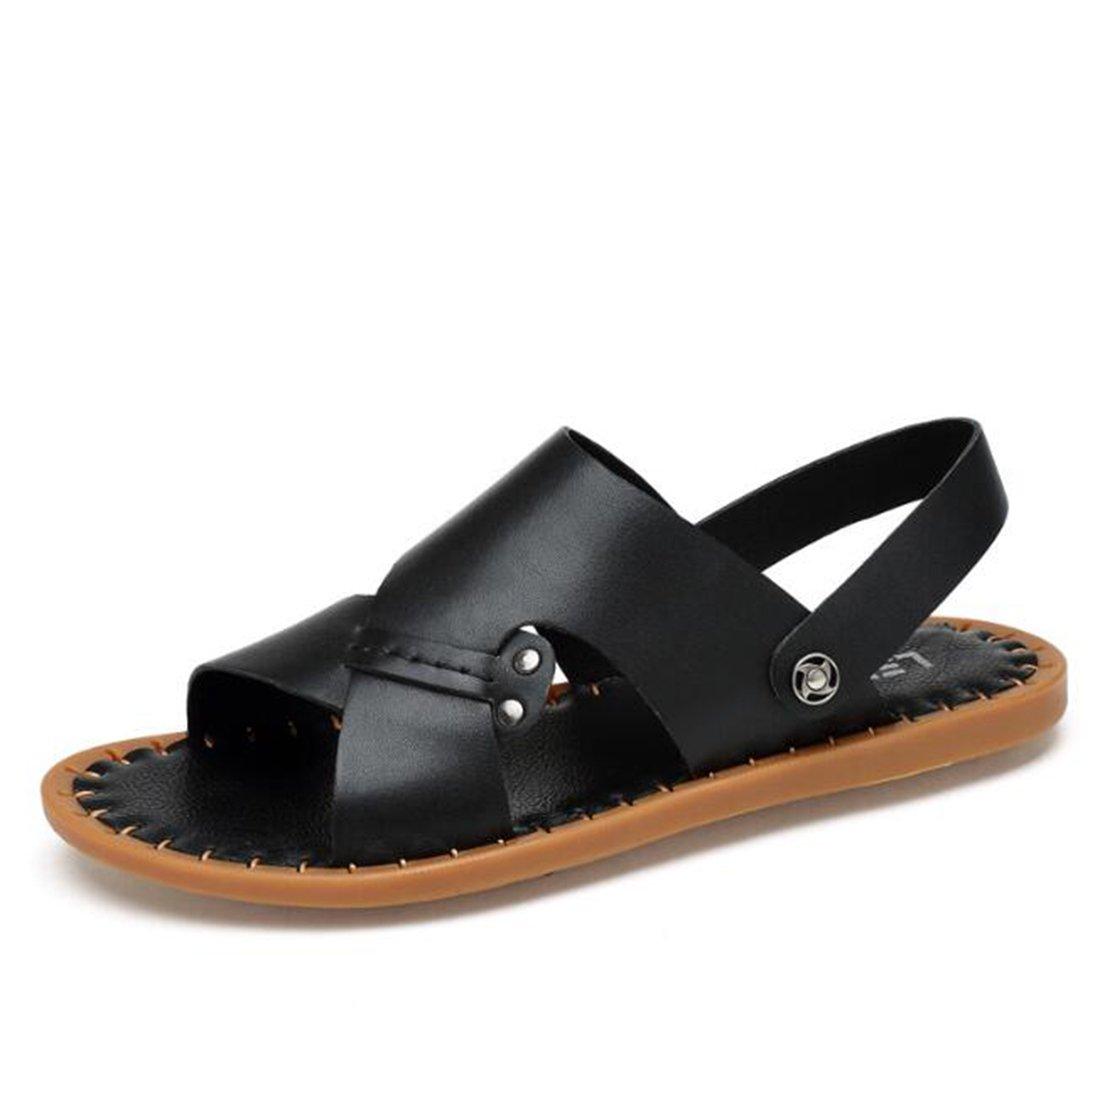 ZHONGST Sandalias De Cuero De Verano Para Hombres Zapatos De Playa Casuales Sandalias Hechas A Mano,Black,40 40|Black